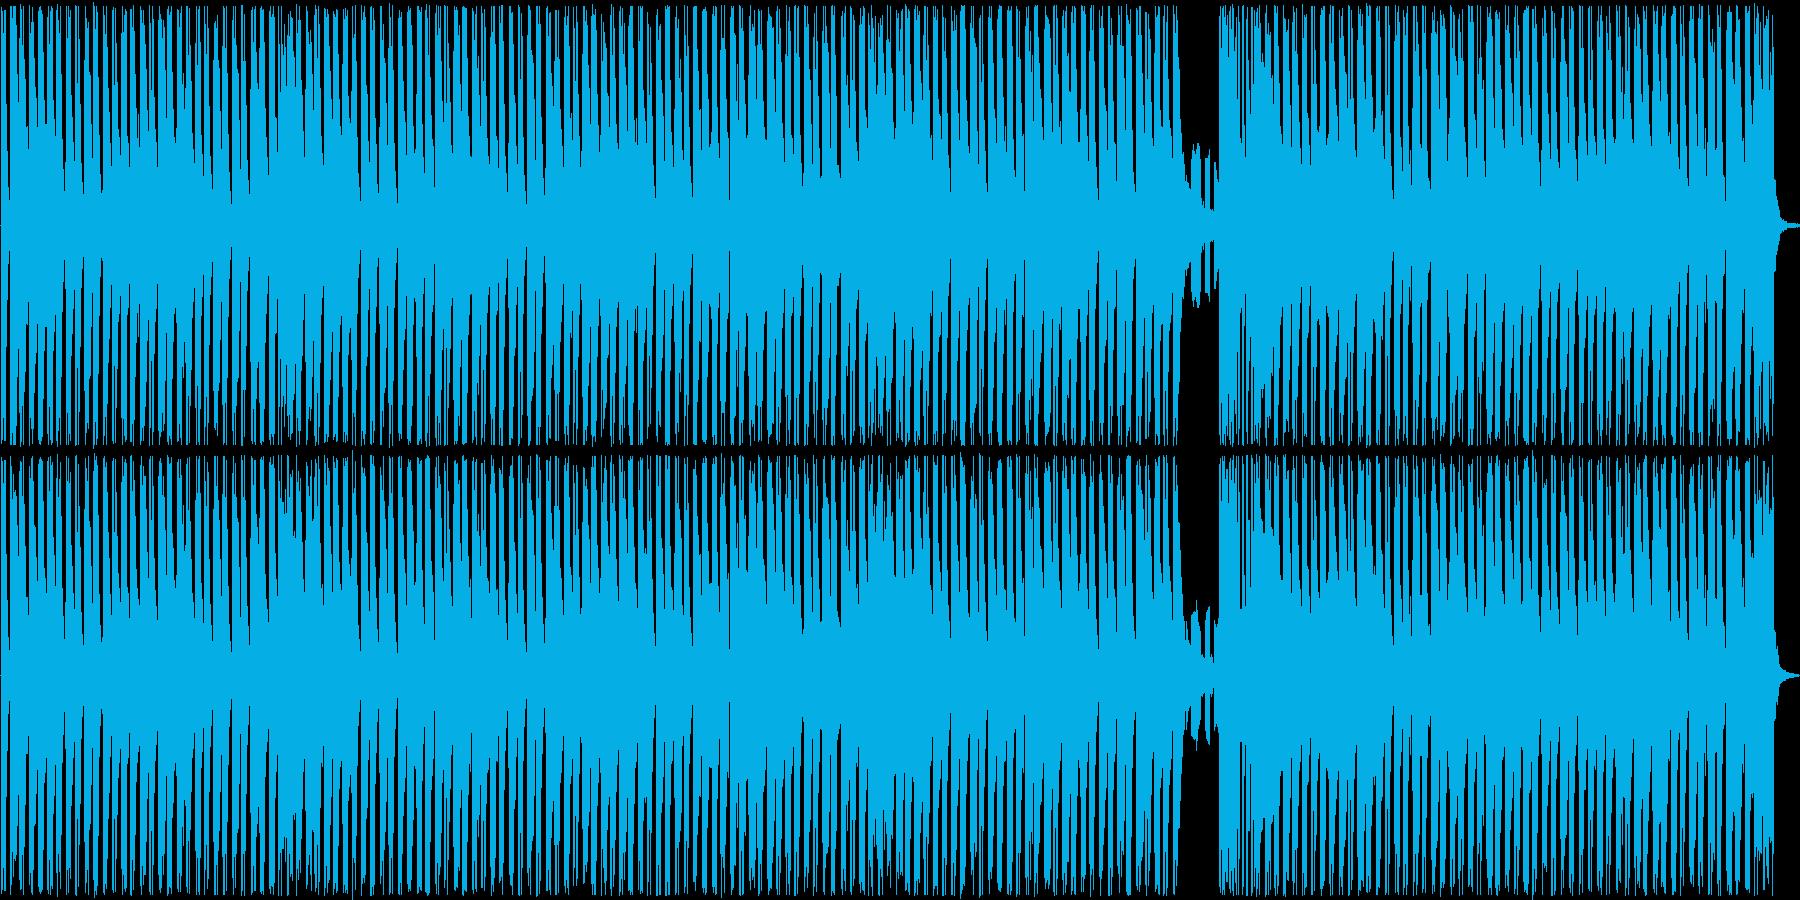 メロディーは暗いけど、軽快な曲ですの再生済みの波形